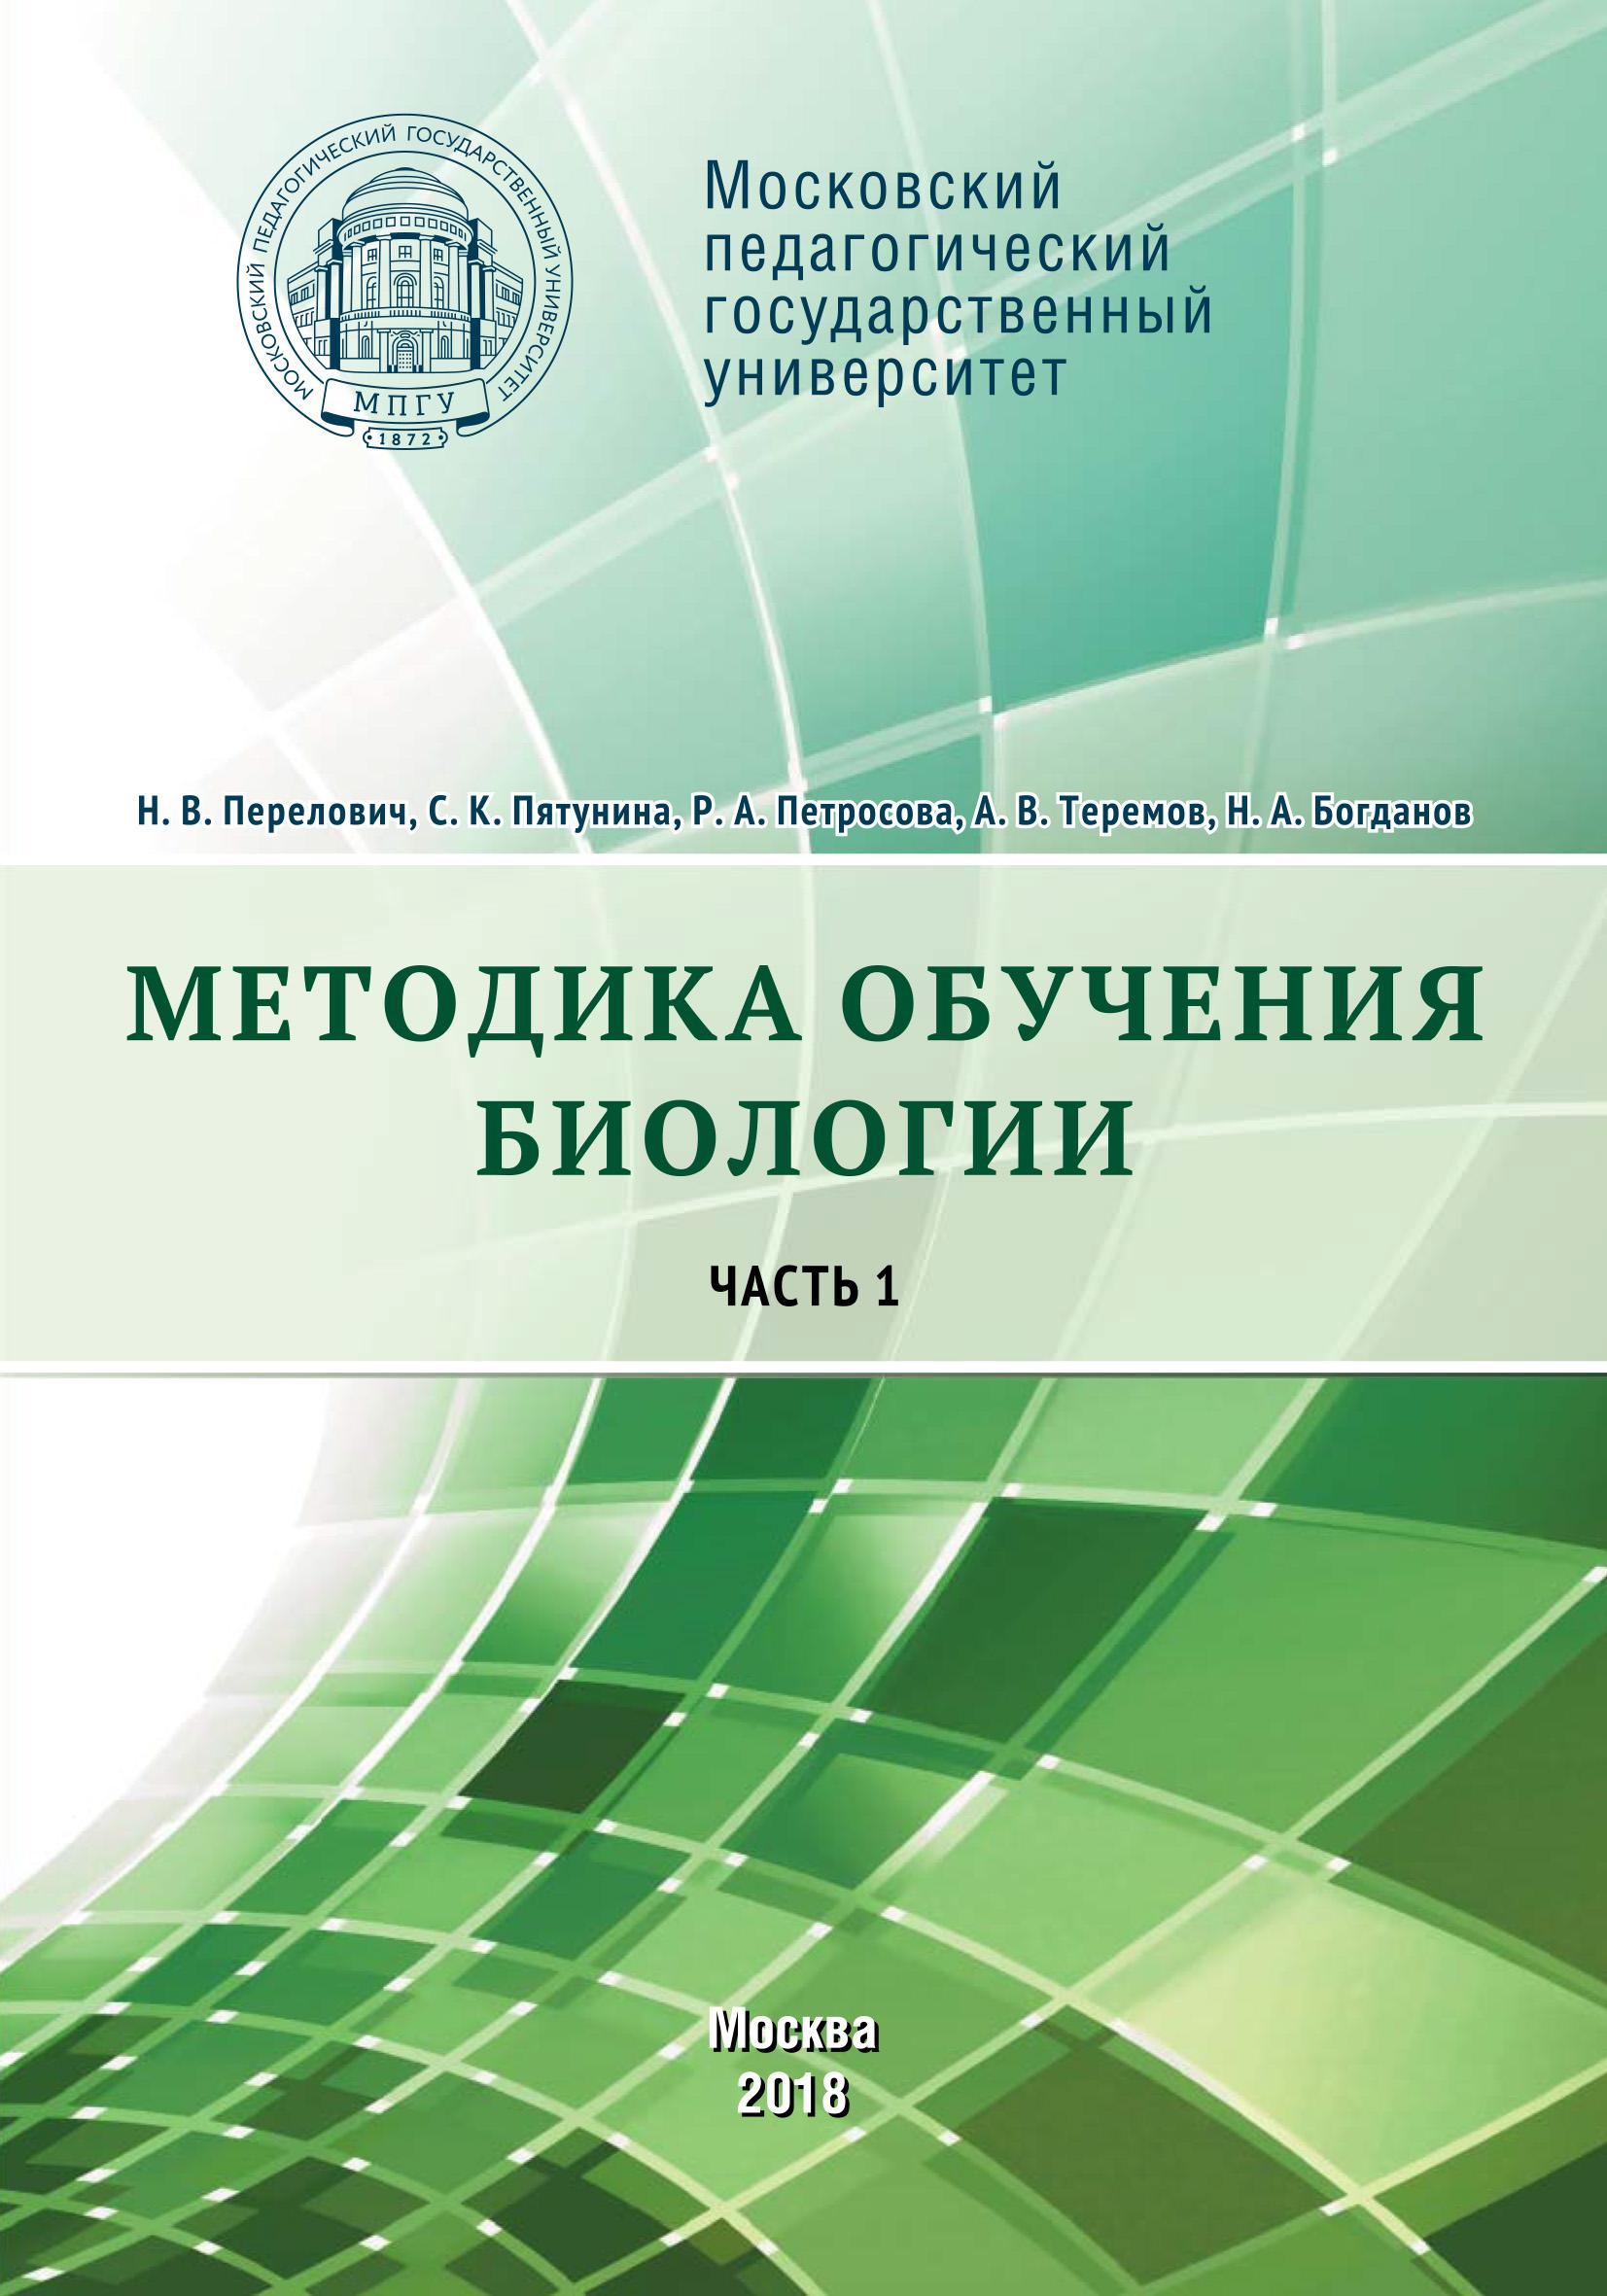 А. В. Теремов Методика обучения биологии. Часть 1. Растения. Бактерии. Грибы и лишайники